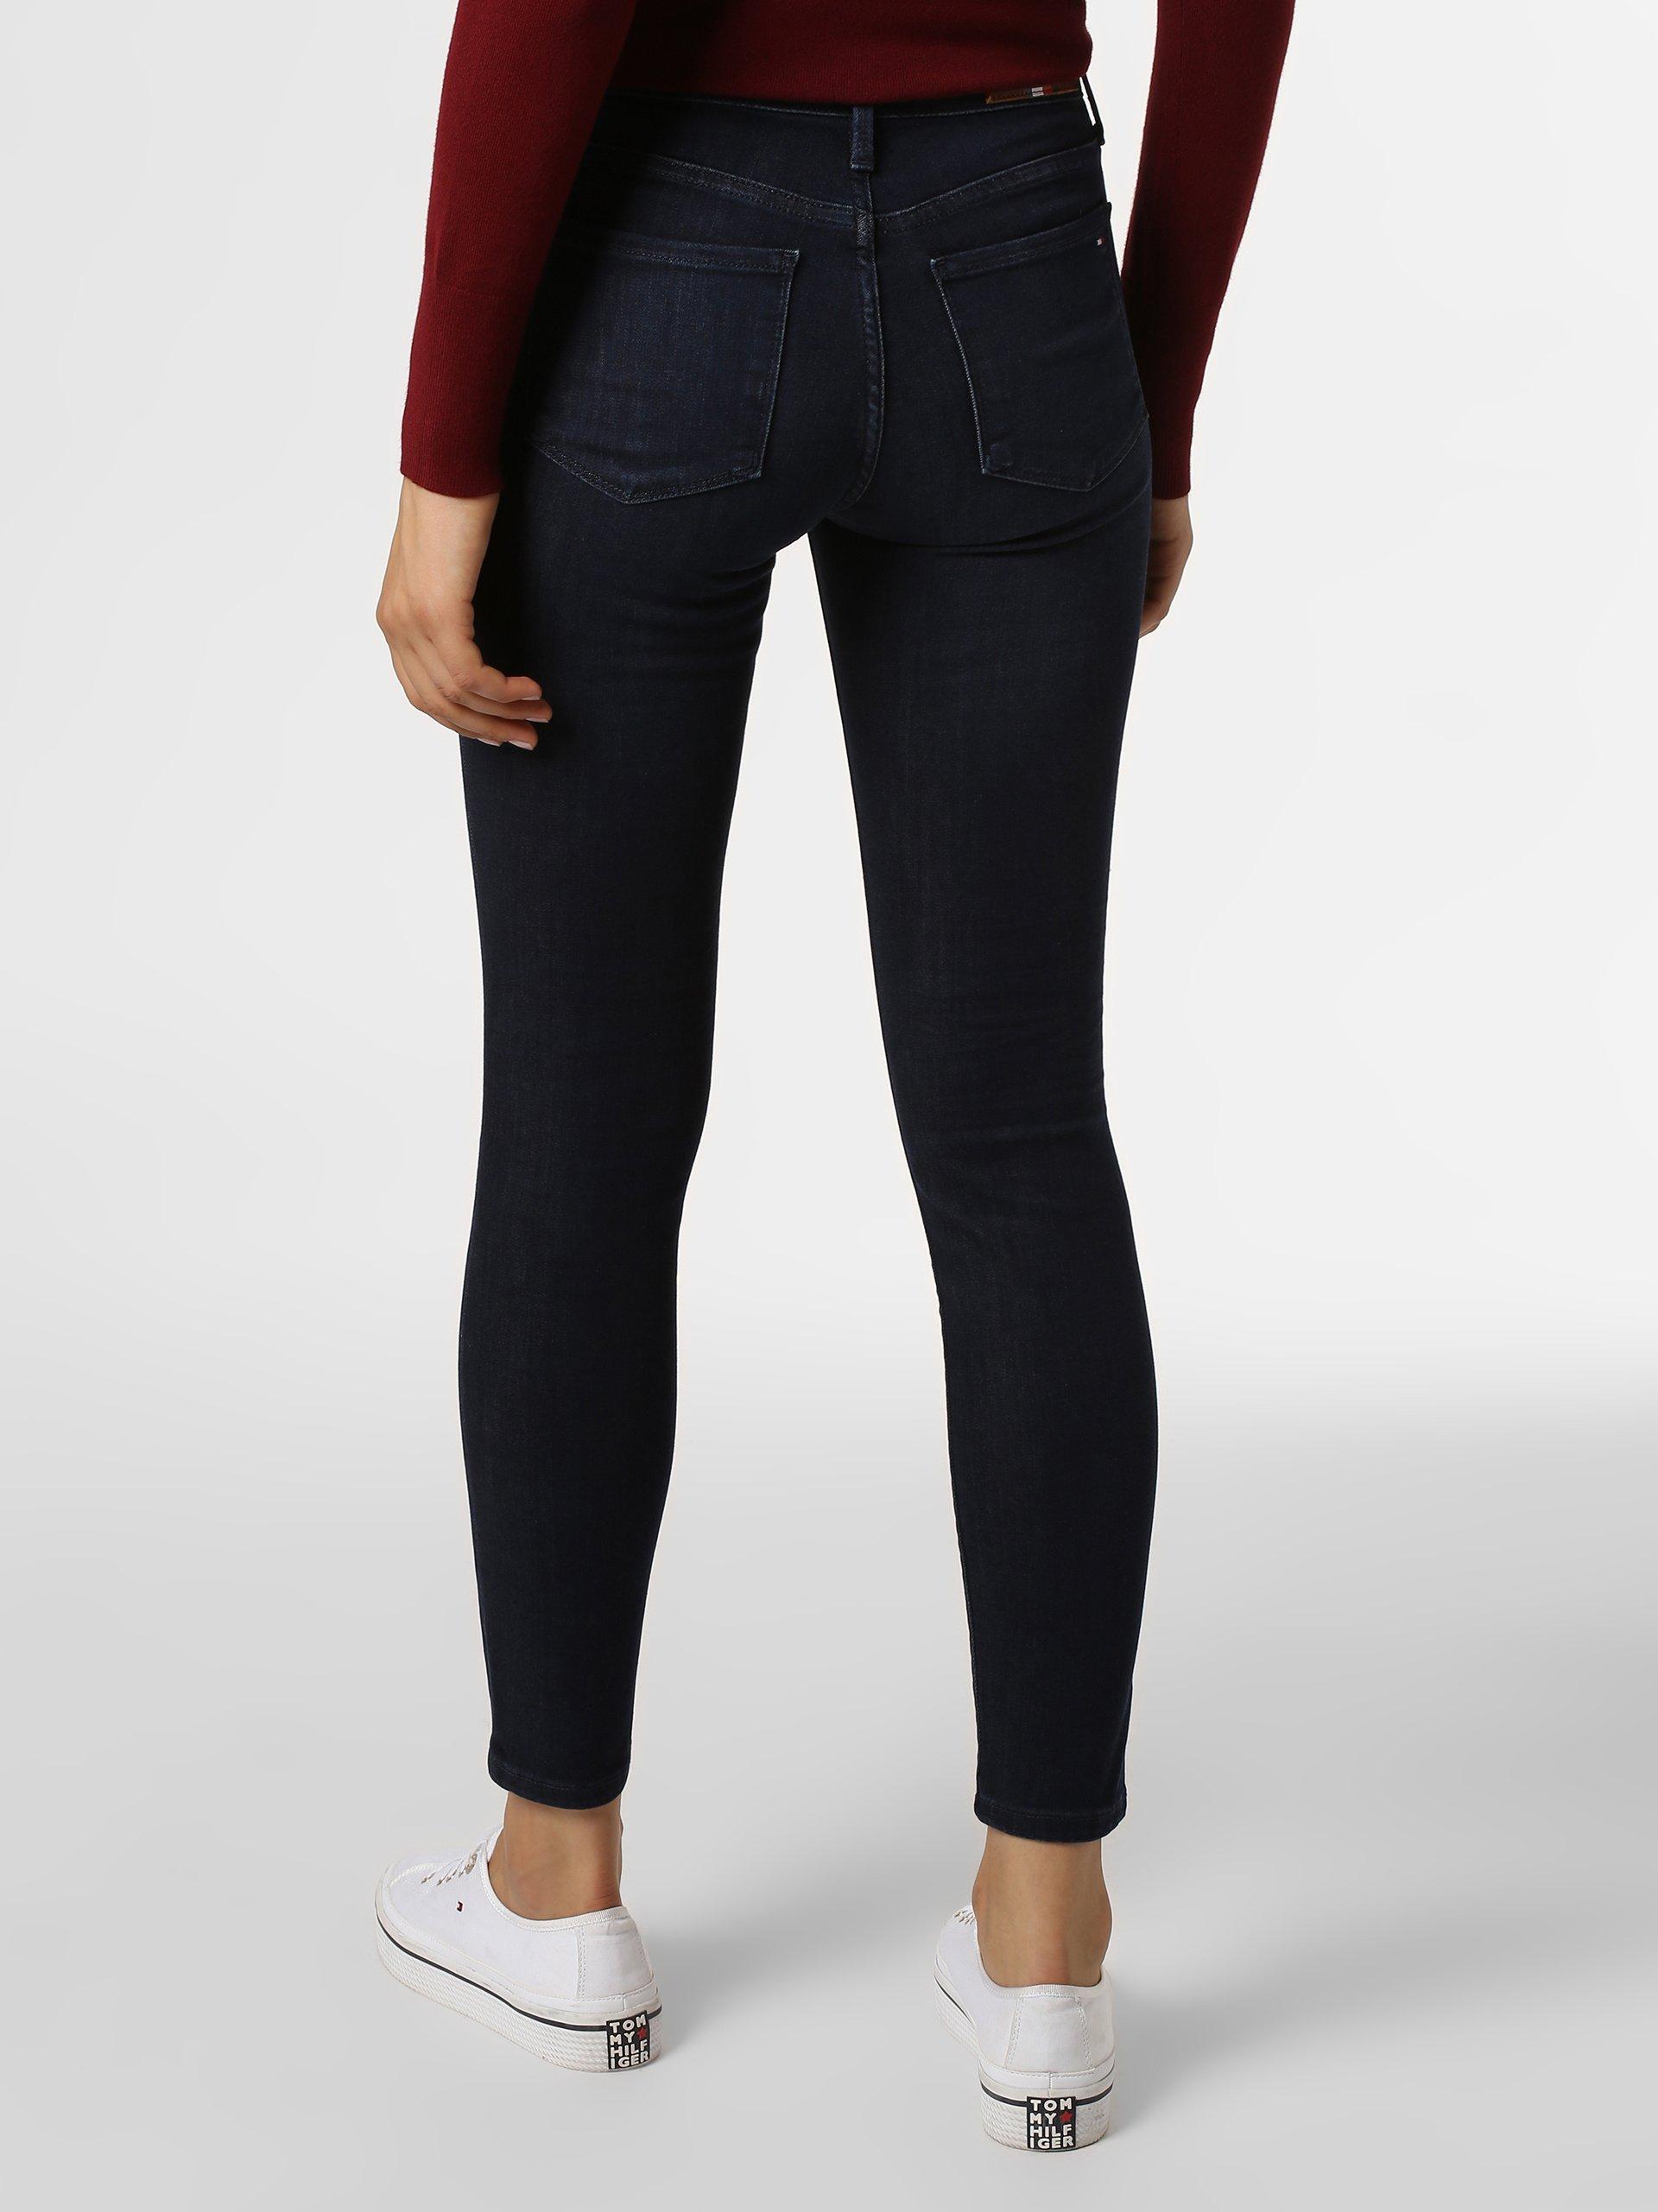 Tommy Hilfiger Damen Jeans - Skinny Como